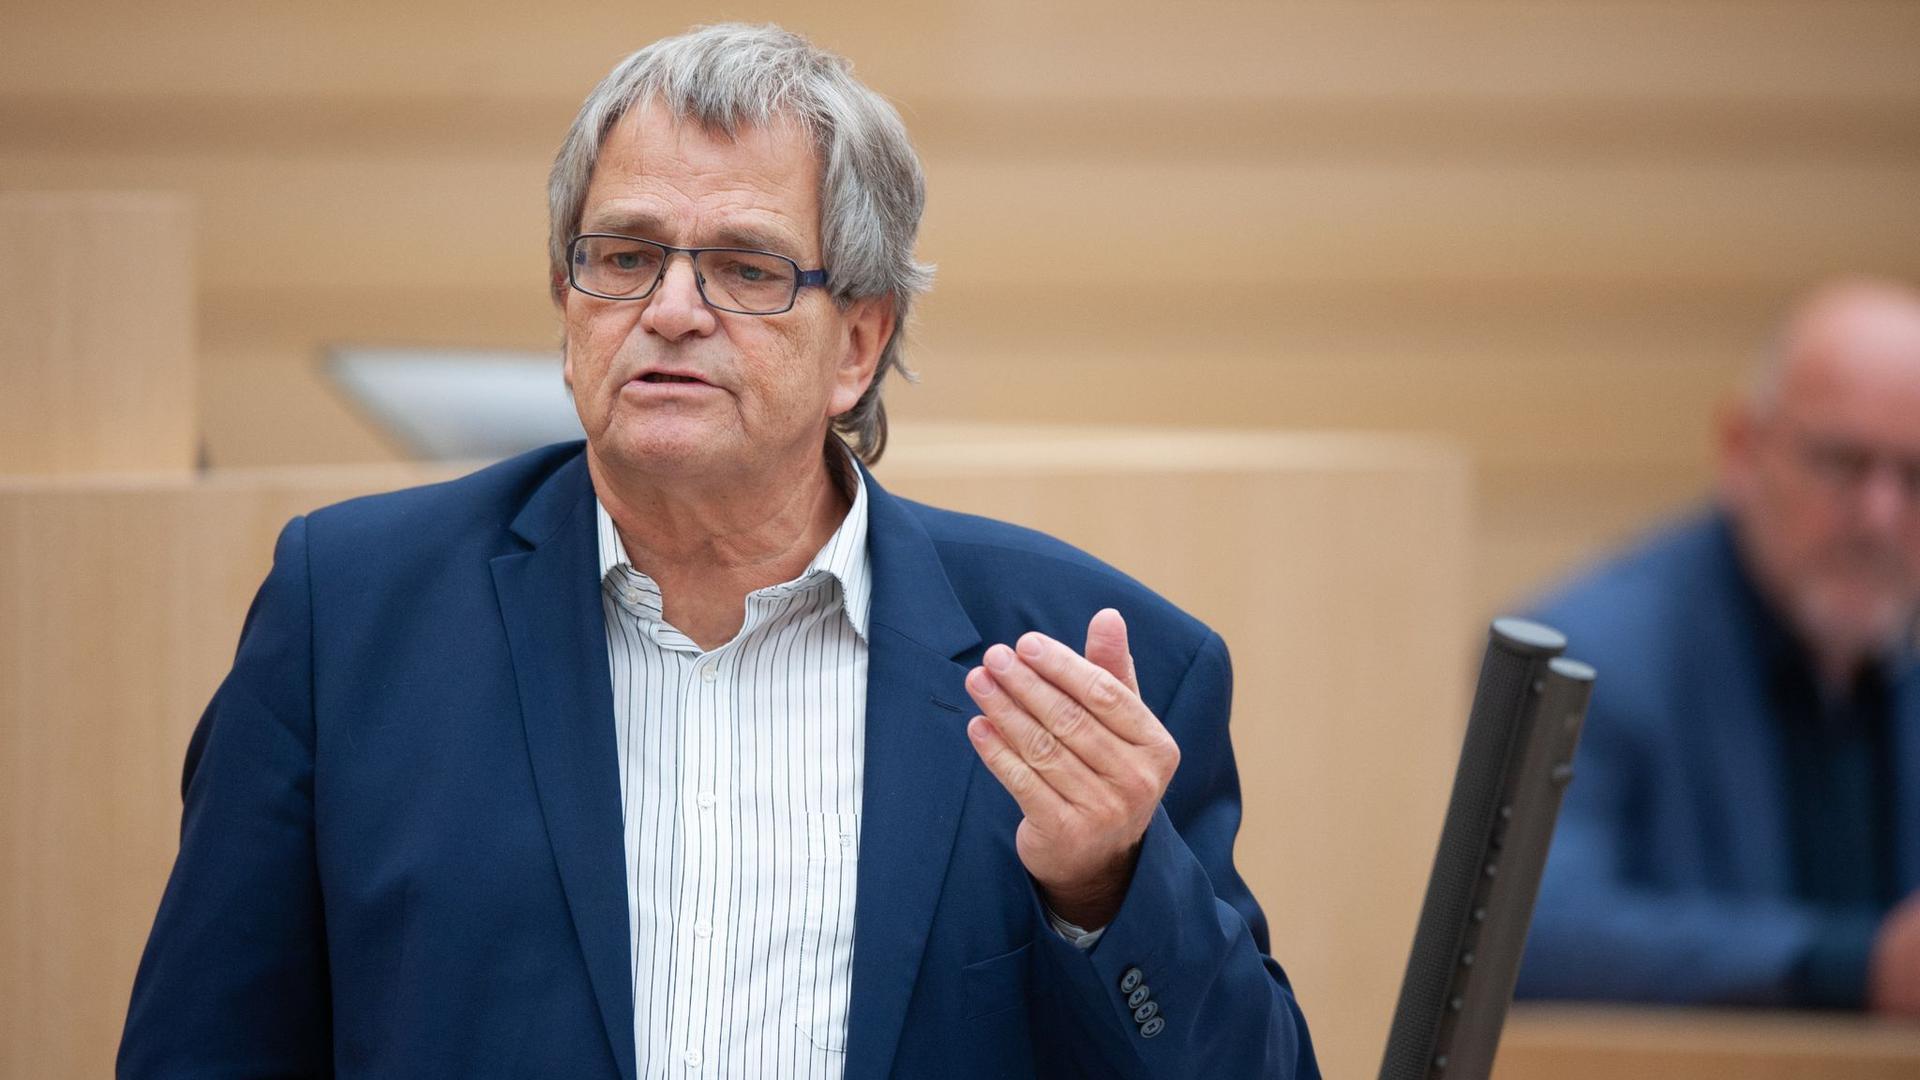 Der Parlamentarische Geschäftsführer der Grünen Uli Sckerl hält im Landtag eine Rede.